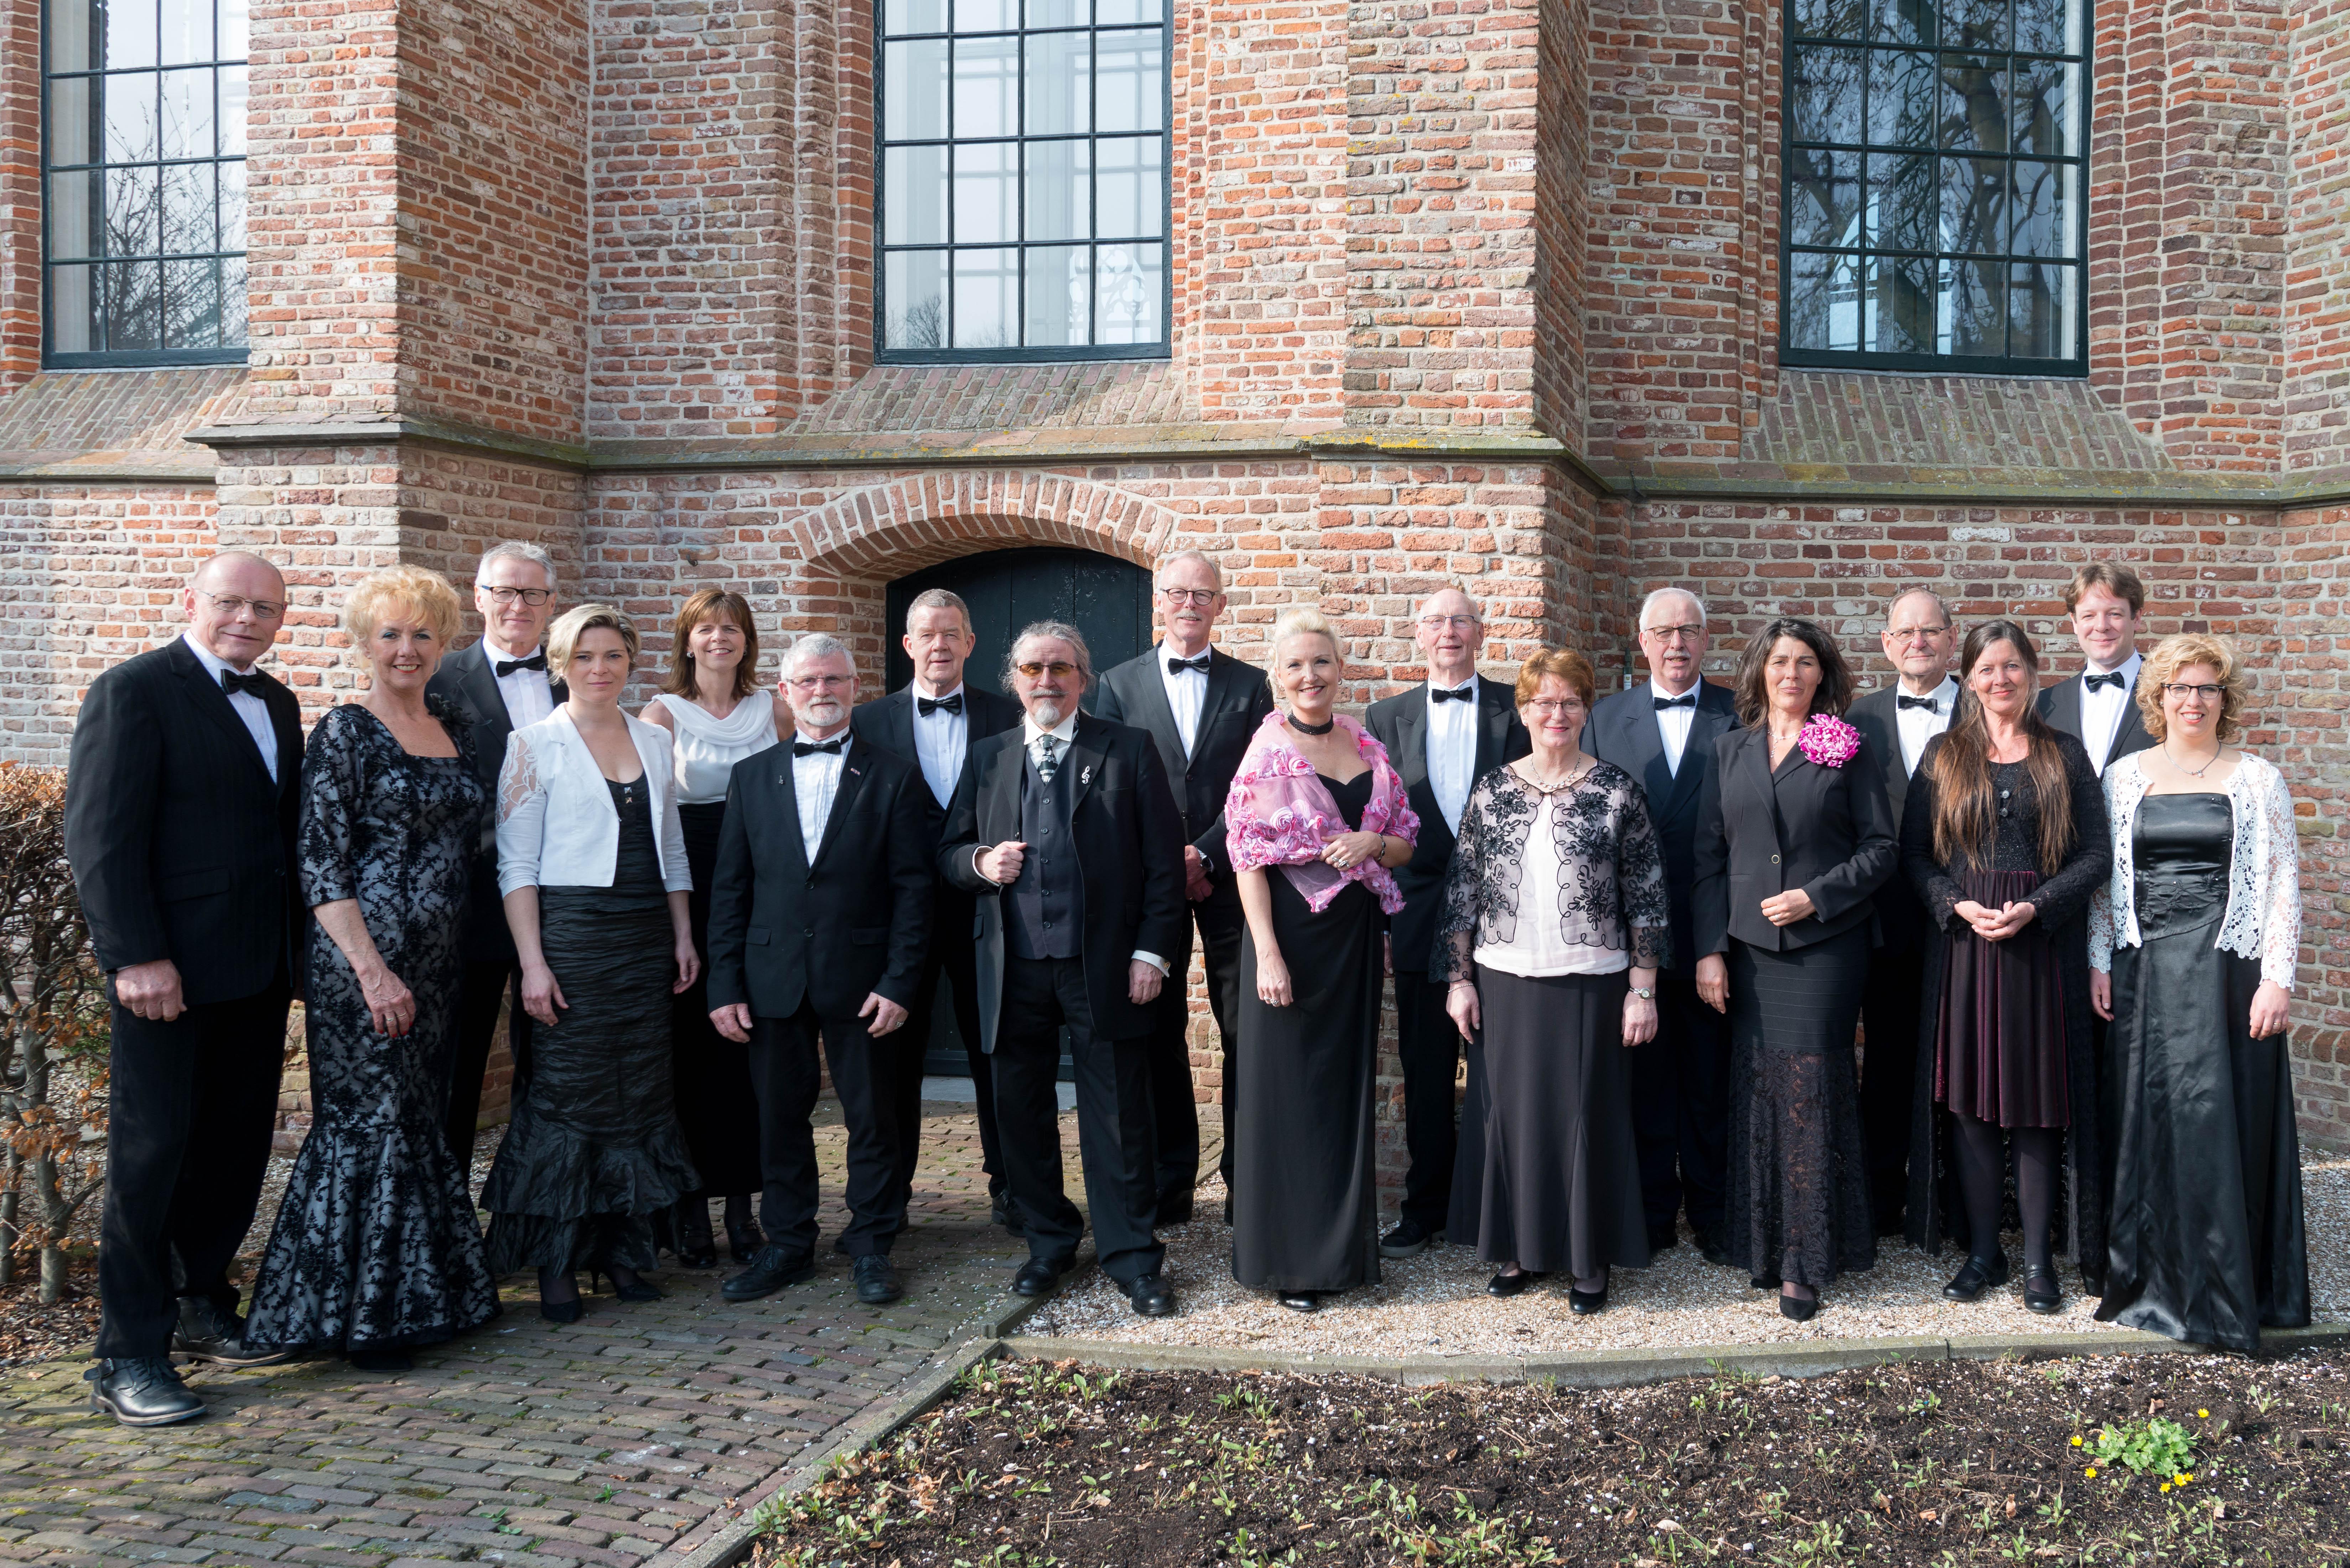 Het  Vocaal Opmeers Ensemble geeft 23 december een prachtig kerstconcert in 't Kerkhuys. Bestel snel kaarten! (Foto: aangeleverd)